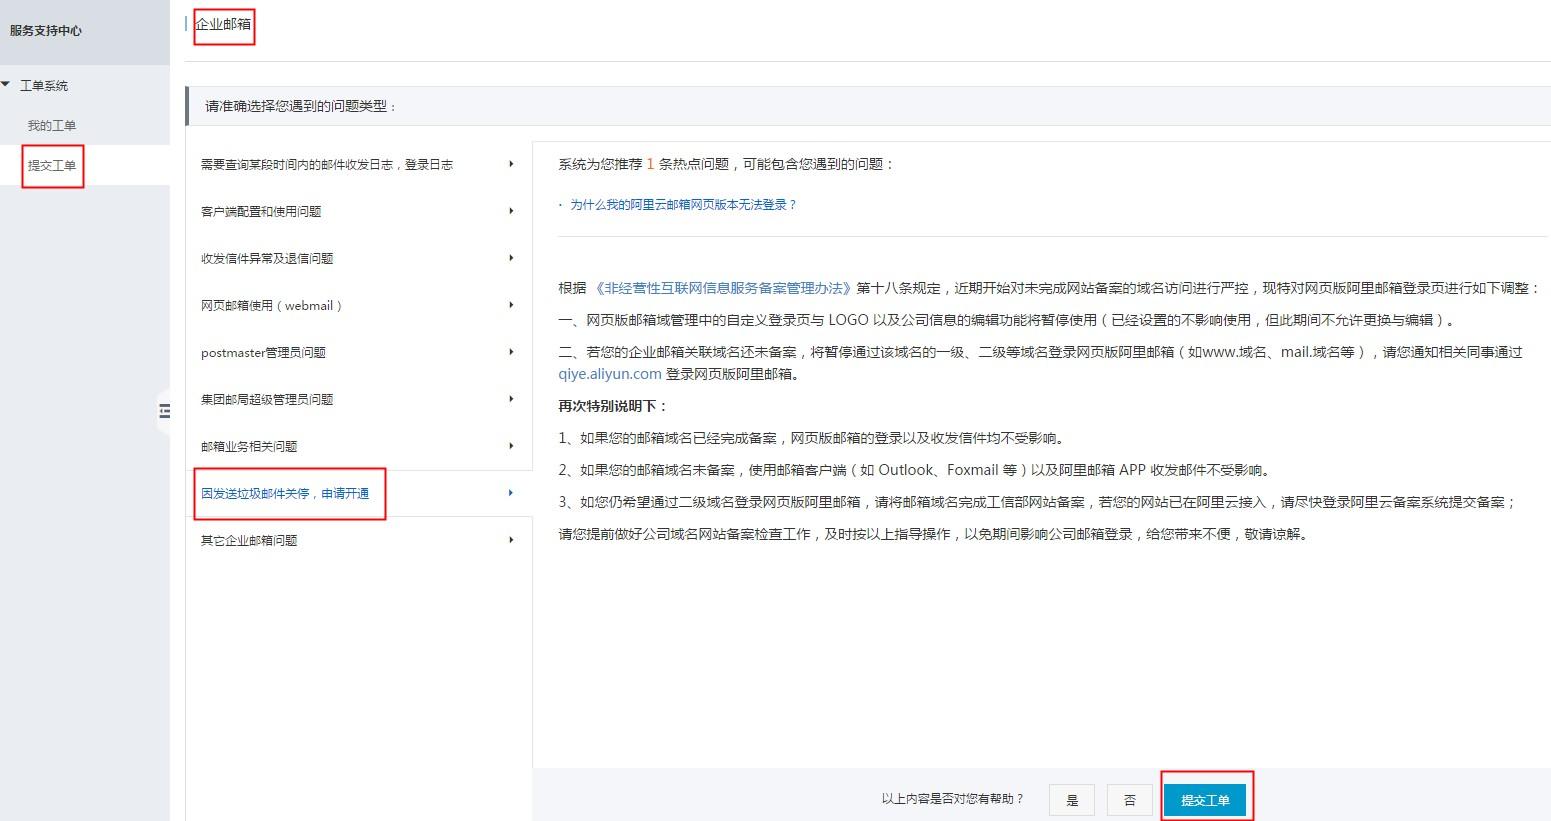 阿里云企业邮箱因发送垃圾邮件被封禁外发的解封方法